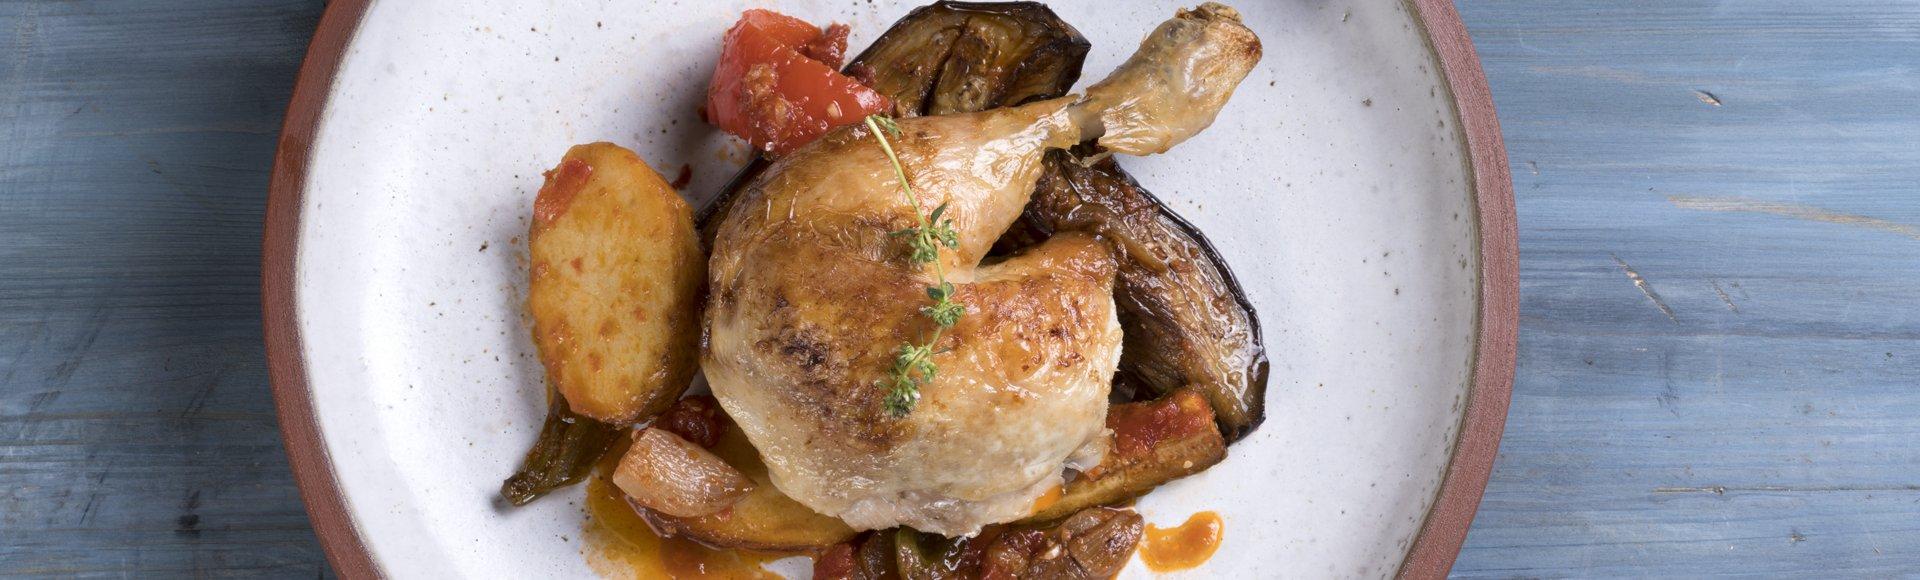 Κοτόπουλο με μπριάμ